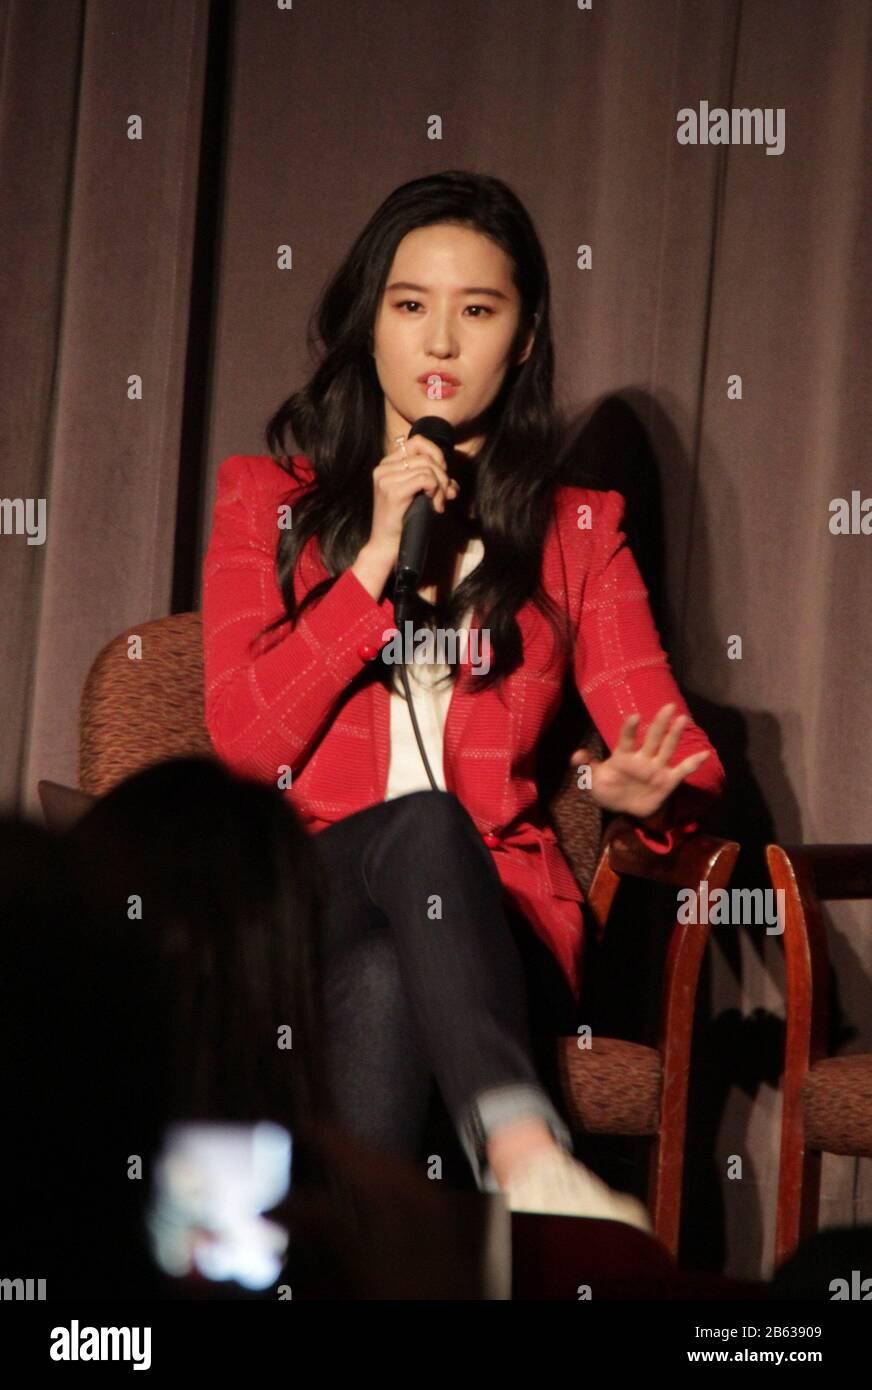 """Liu Yifei 03/07/2020 """"Mulan"""" Special Screening tenuto presso il Directors Guild of America Theatre di Los Angeles, CA Photo di Izumi Hasegawa / HollywoodNewsWire.net Foto Stock"""